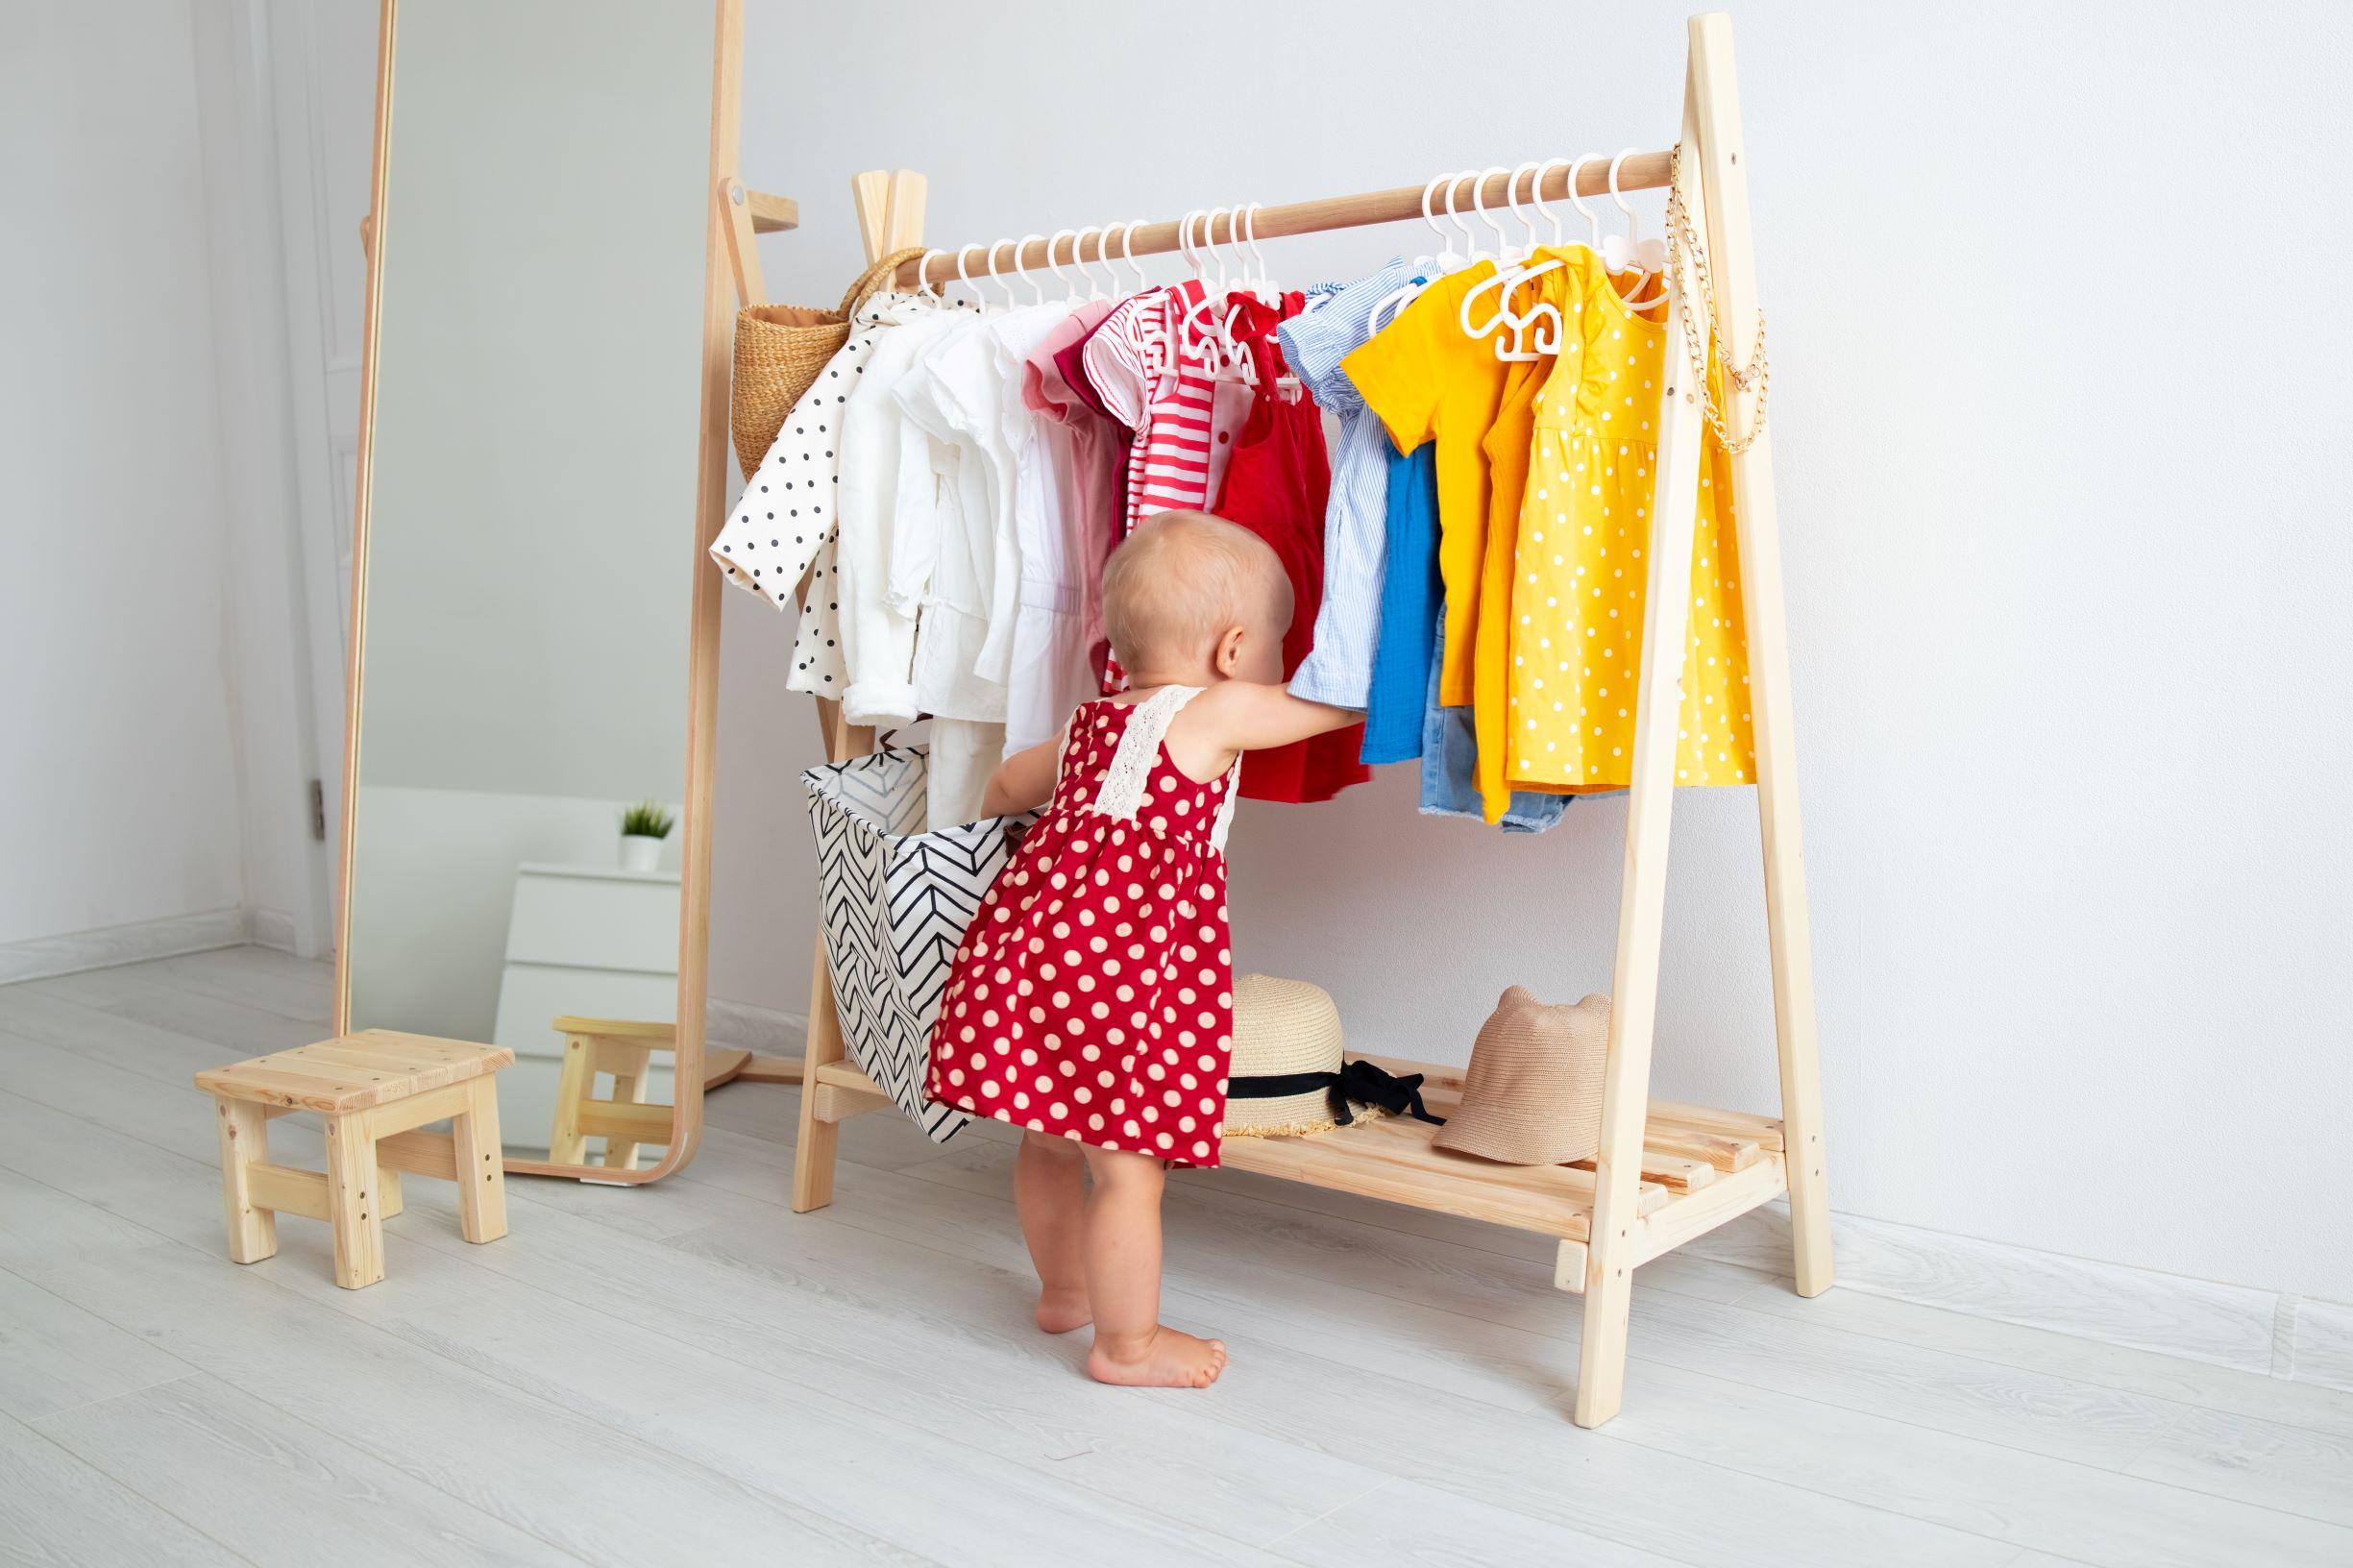 niña eligiendo vestido